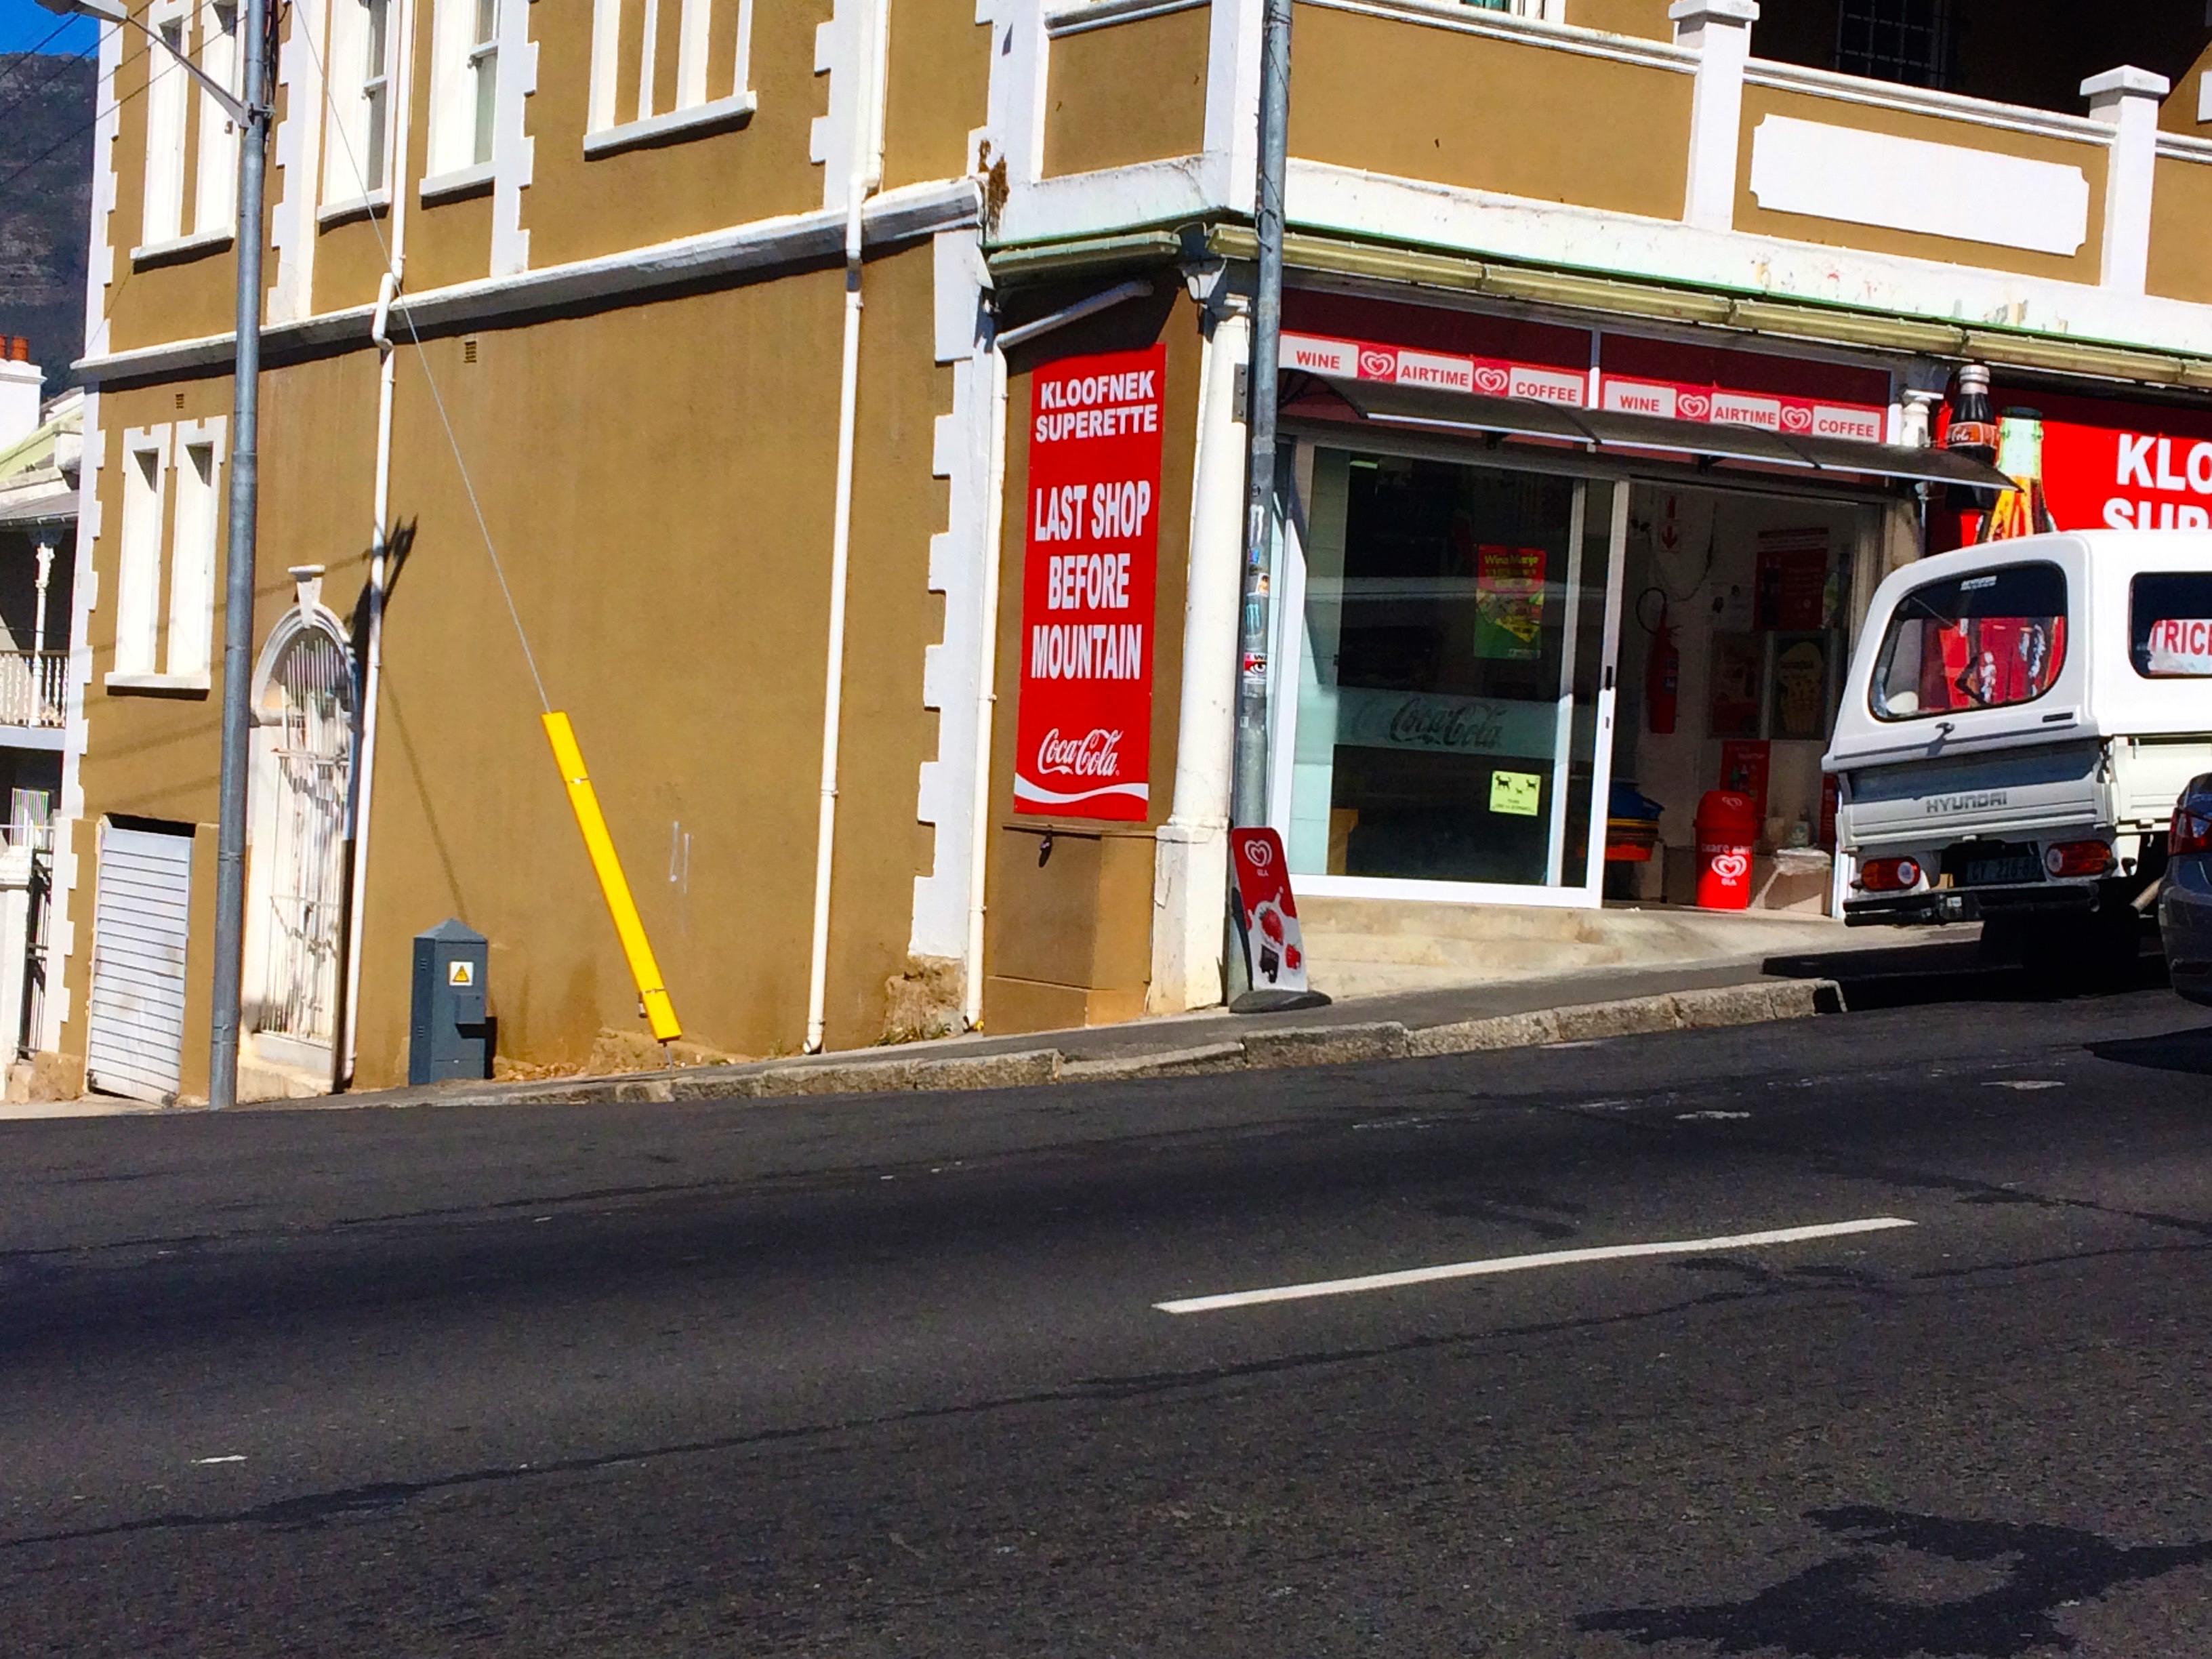 Dernier supermarché avant l'ascension de Table Mountain